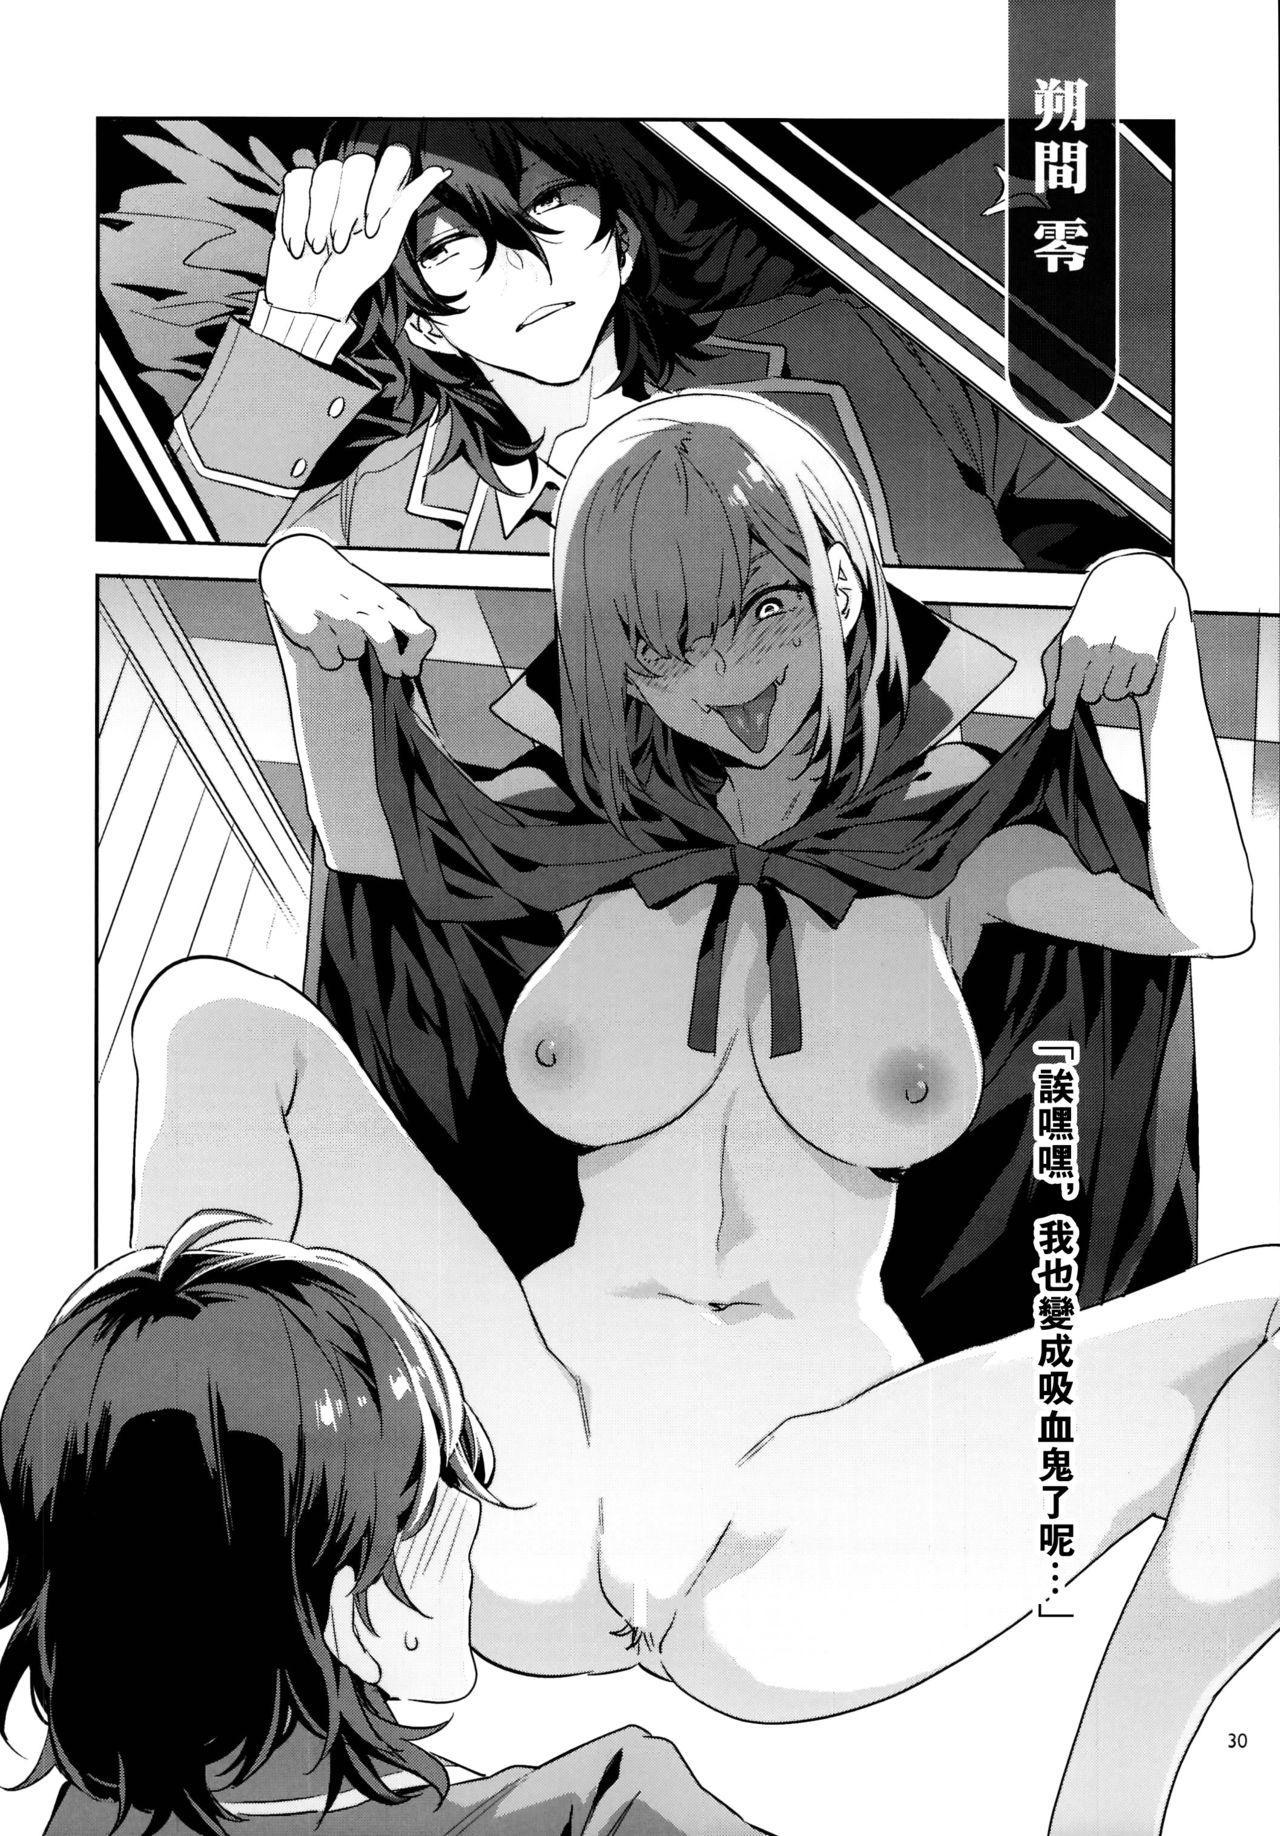 Yumenosaki Gakuin no Tenkousei-chan ga Idol no Tamago o Kuiarashiteru tte Hontou desu ka!? 29